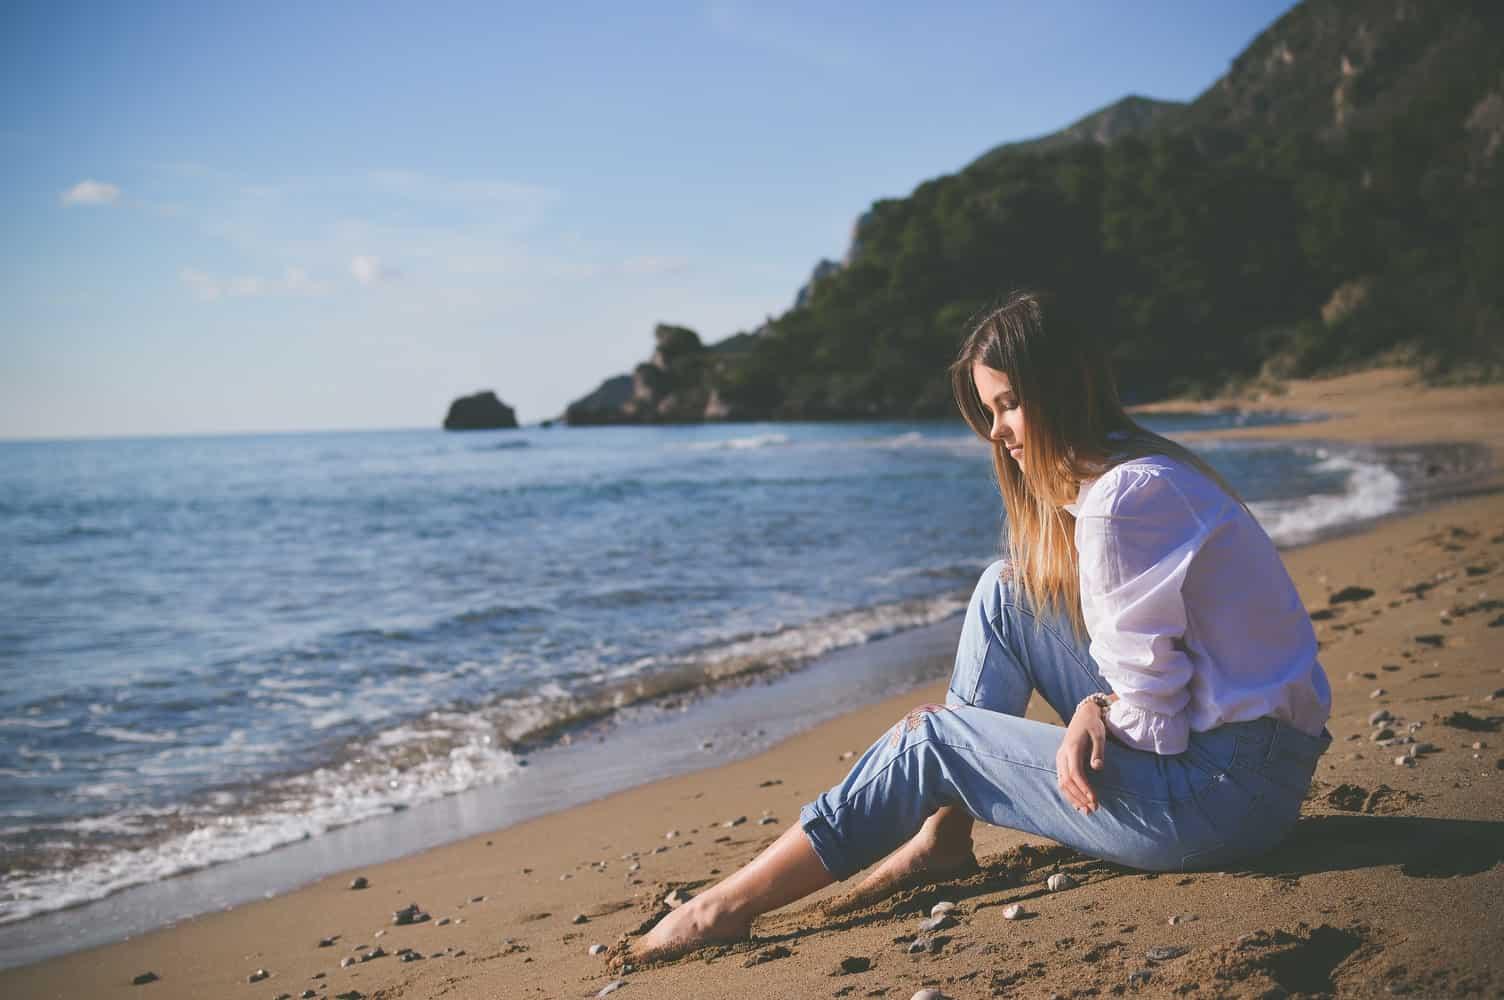 چگونه در هنگام استرس به آرامش برسیم؟ آرام کردن ذهن در استرس شدید